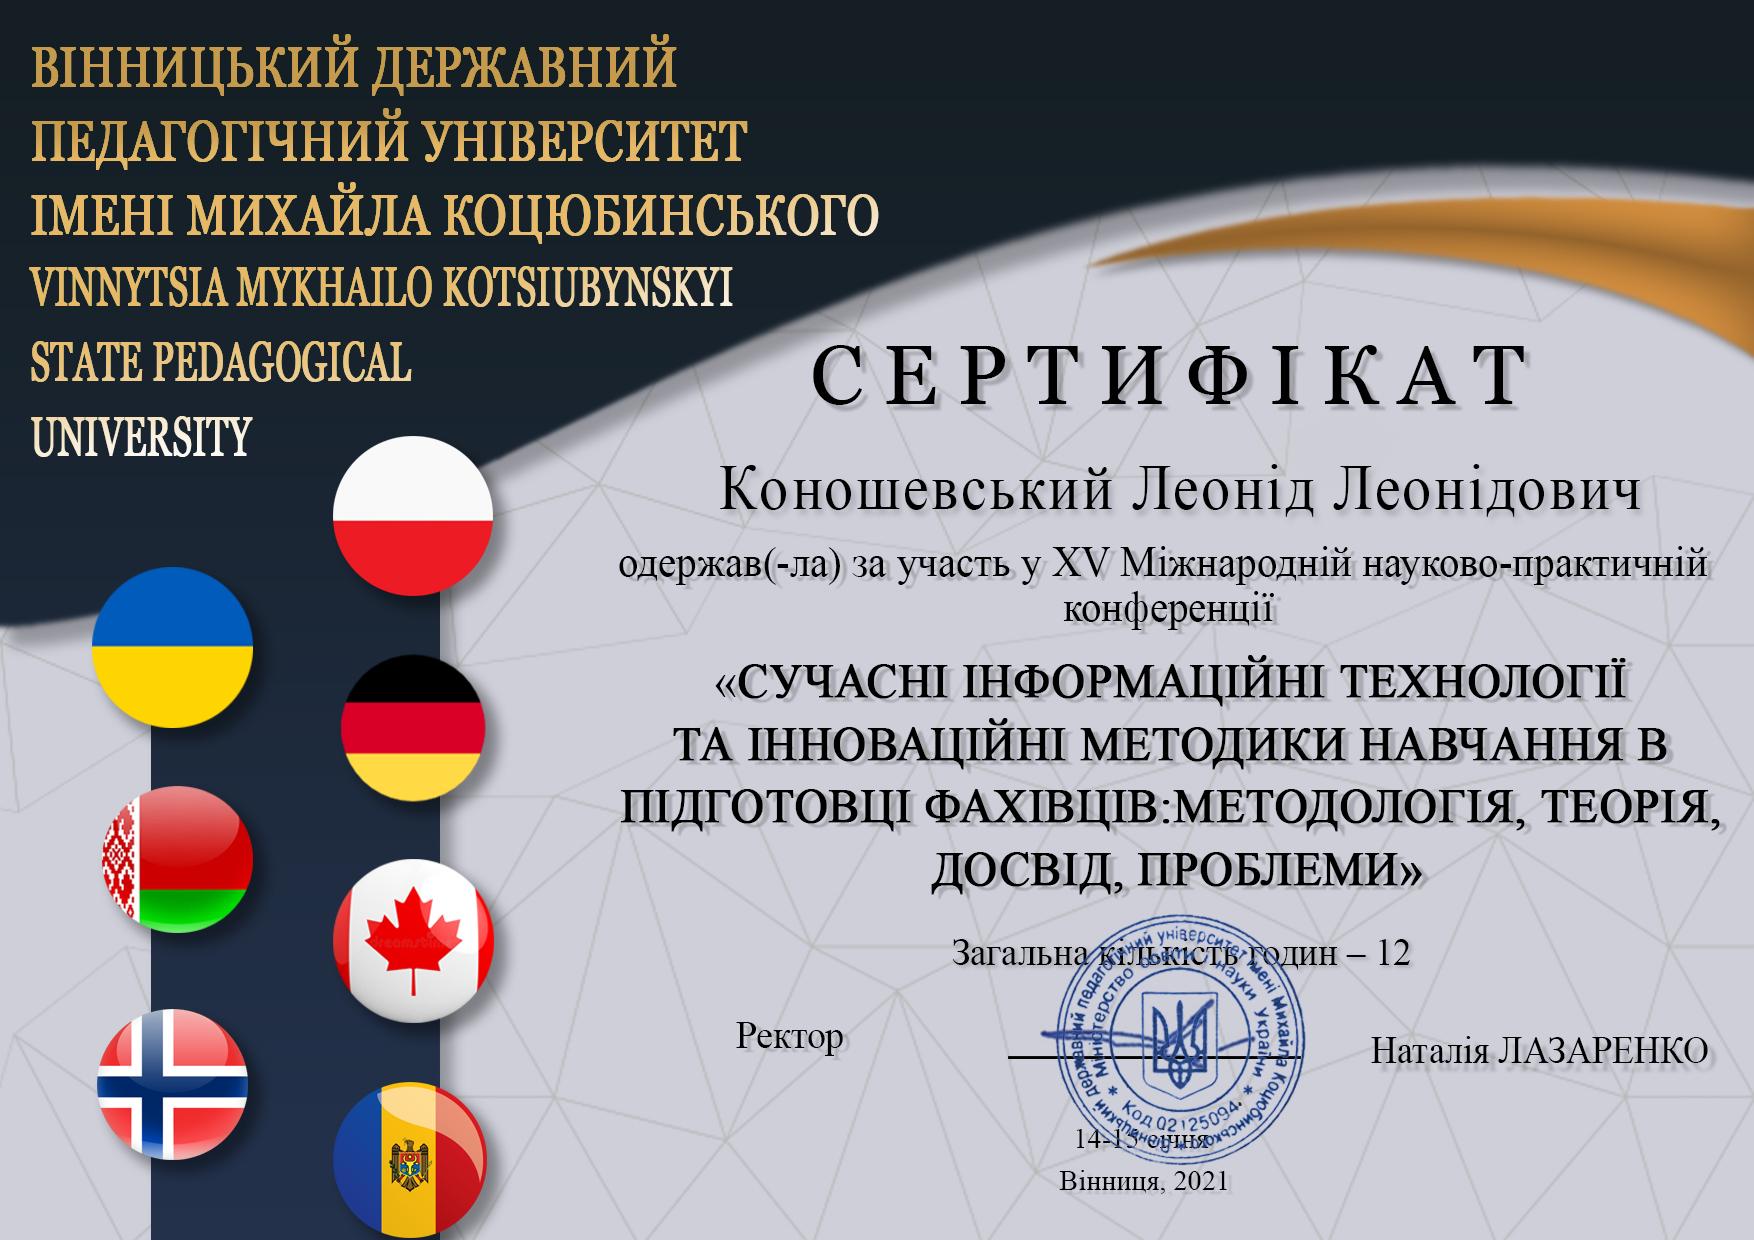 Коношевський Леонід Леонідович